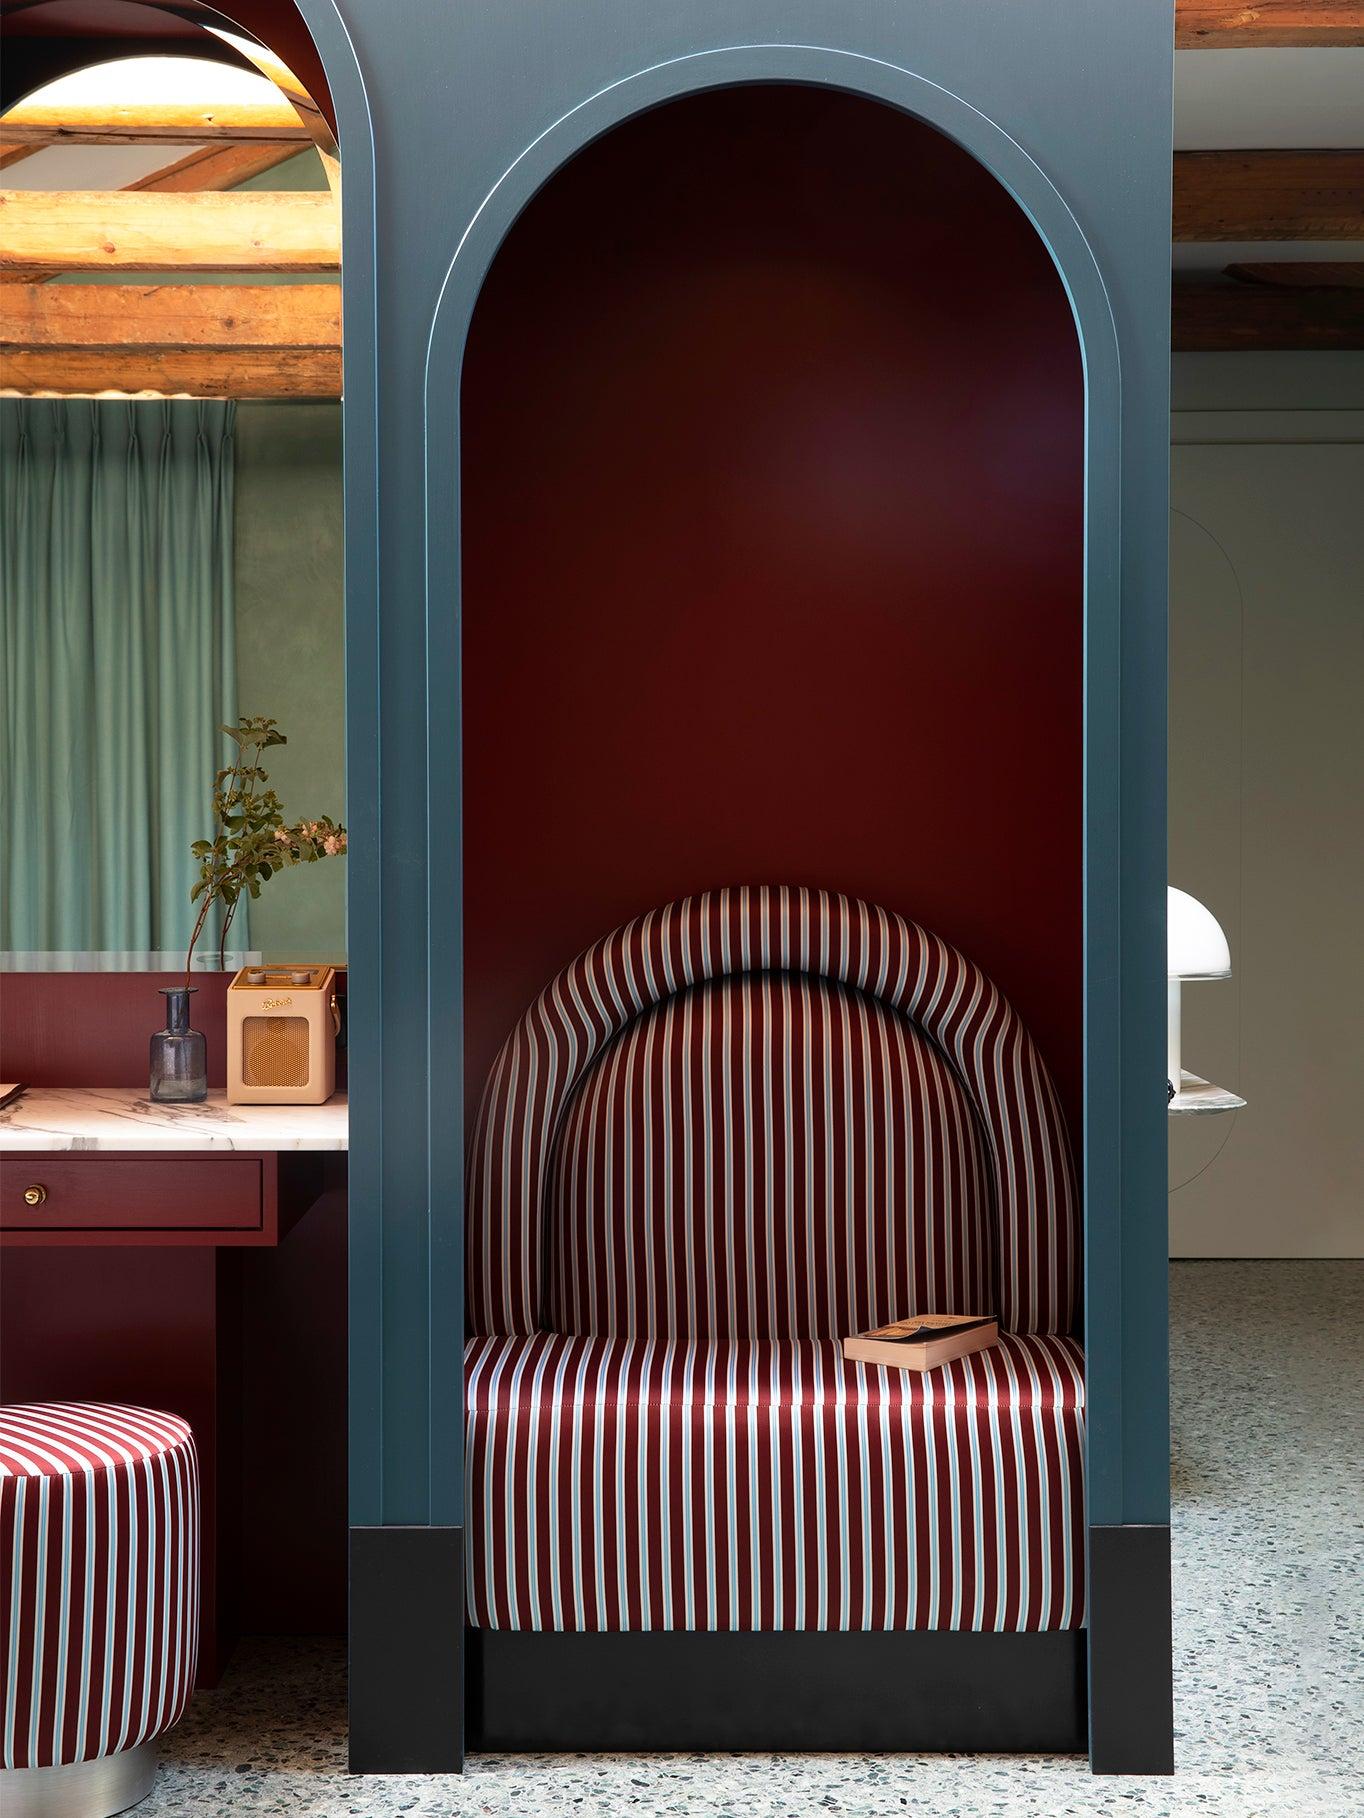 00-FEATURE-venice-hotel-arches-domino